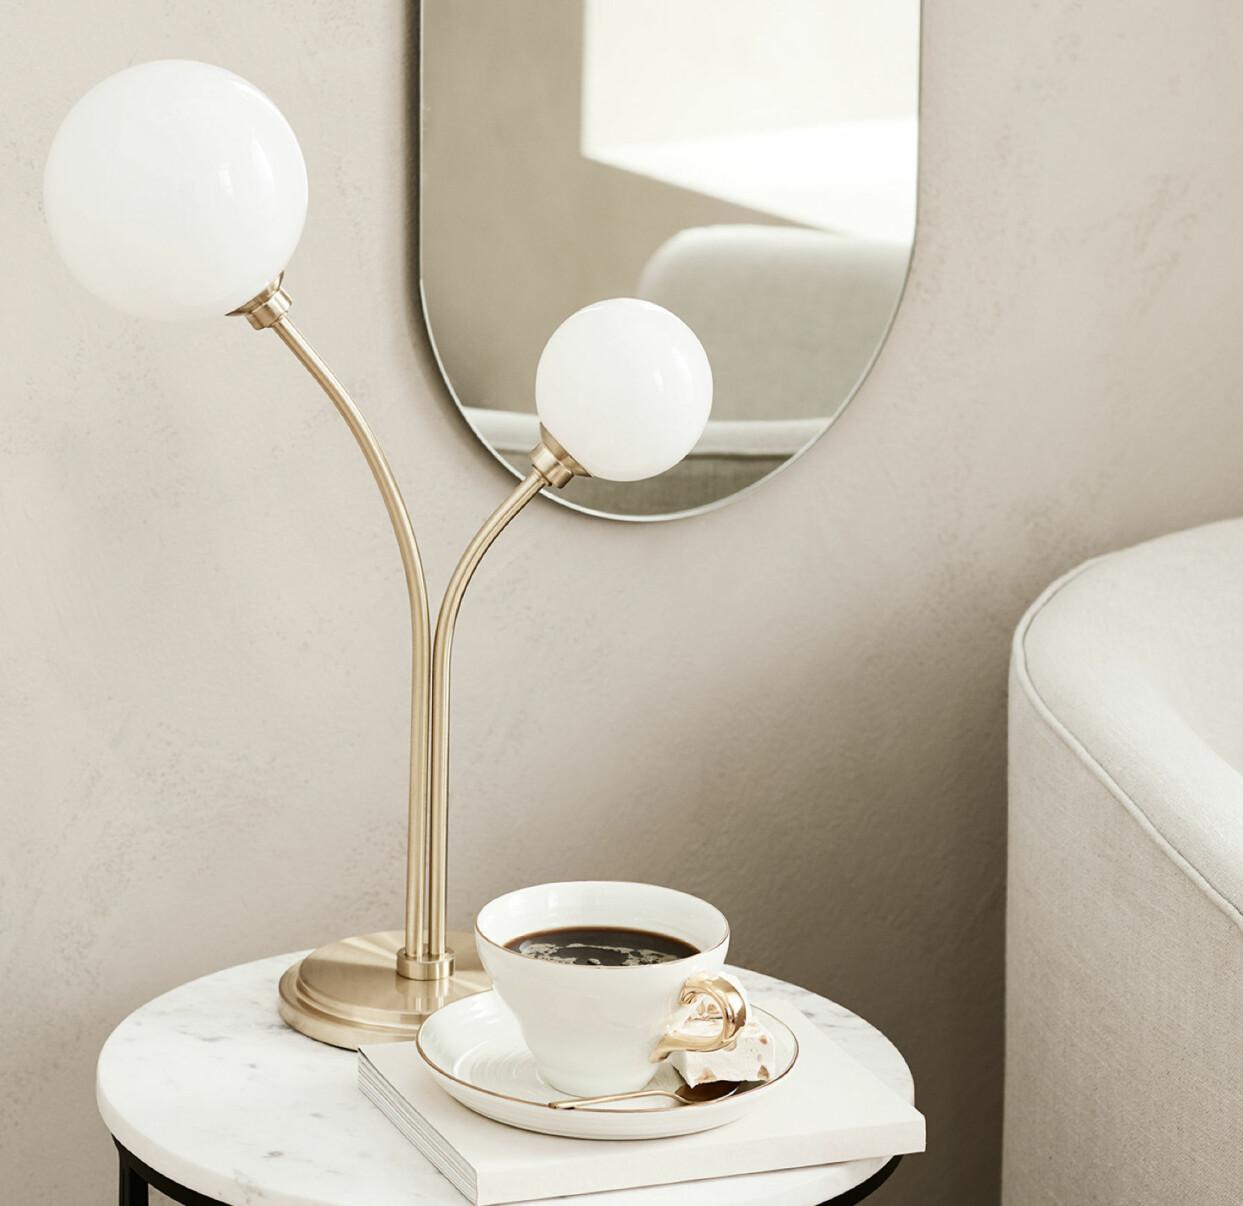 Bordslampa med dubbla armar, från H&M Home